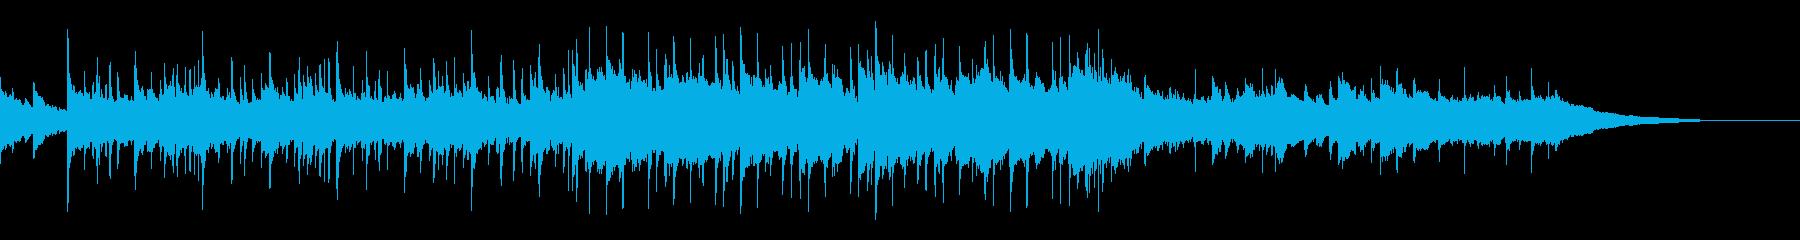 アコギとシタール、フォークBショートの再生済みの波形